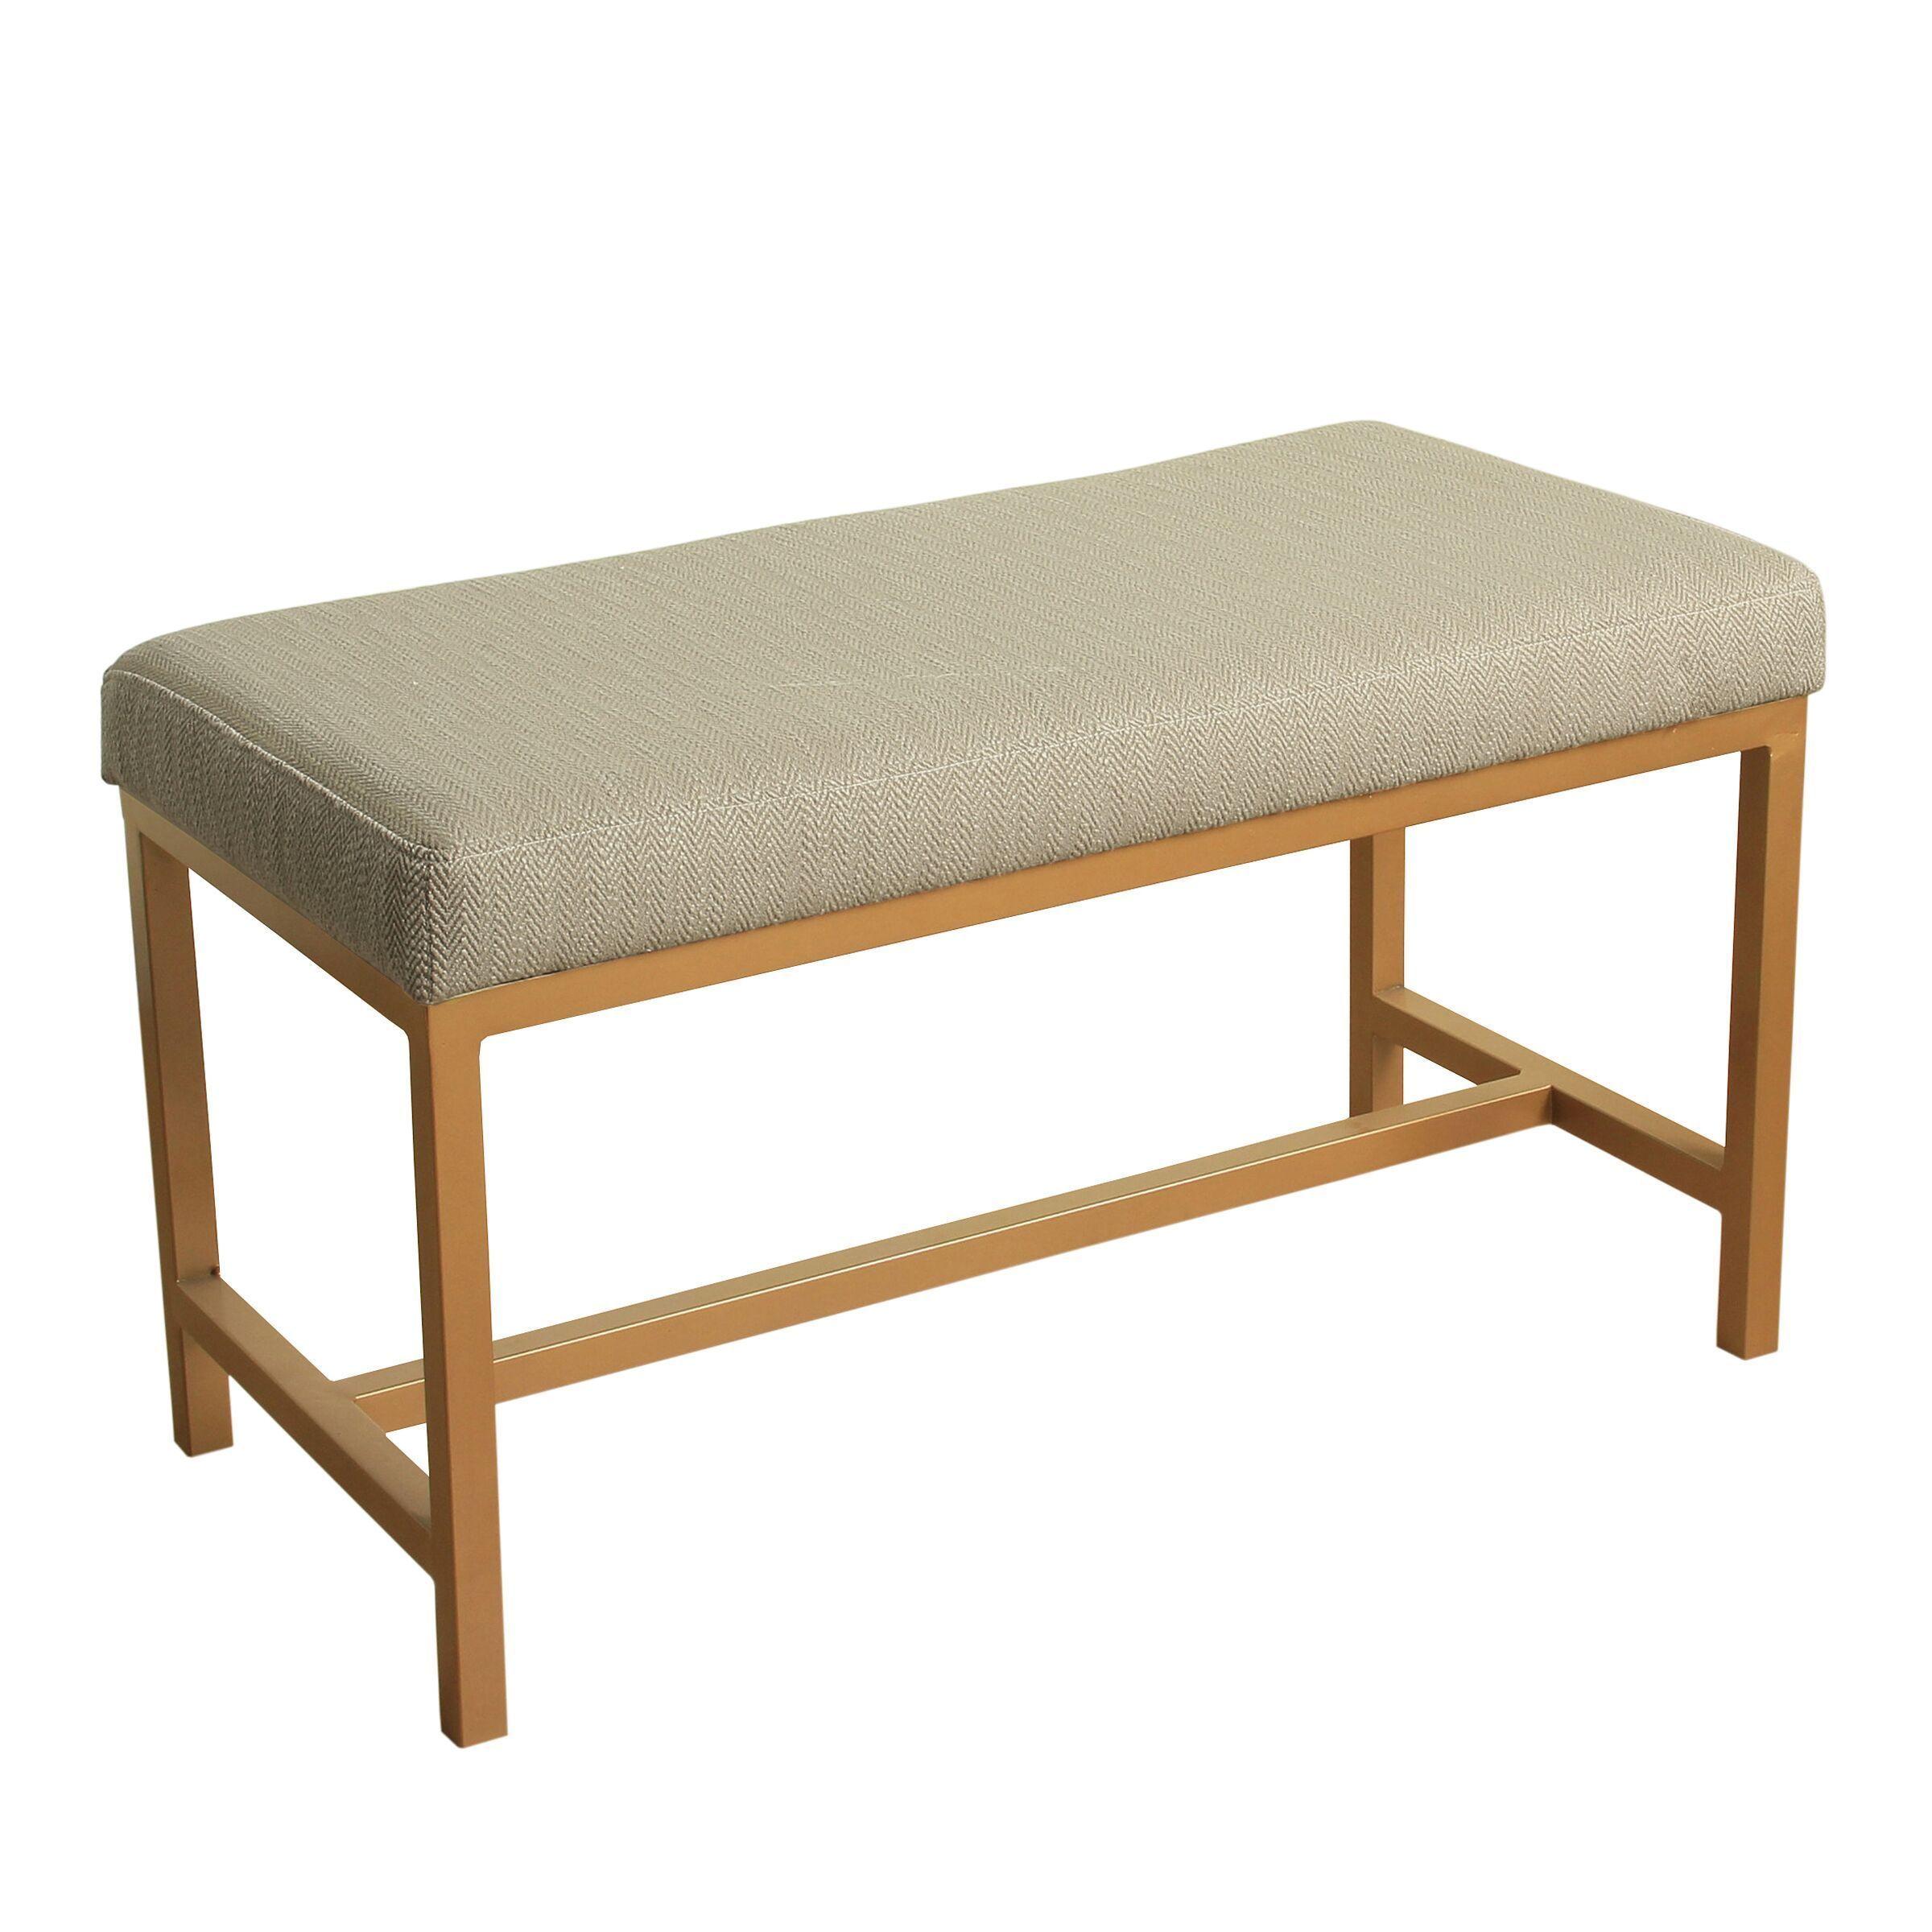 Homepop Long Rectangular Bench With White Herringbone Fabric And